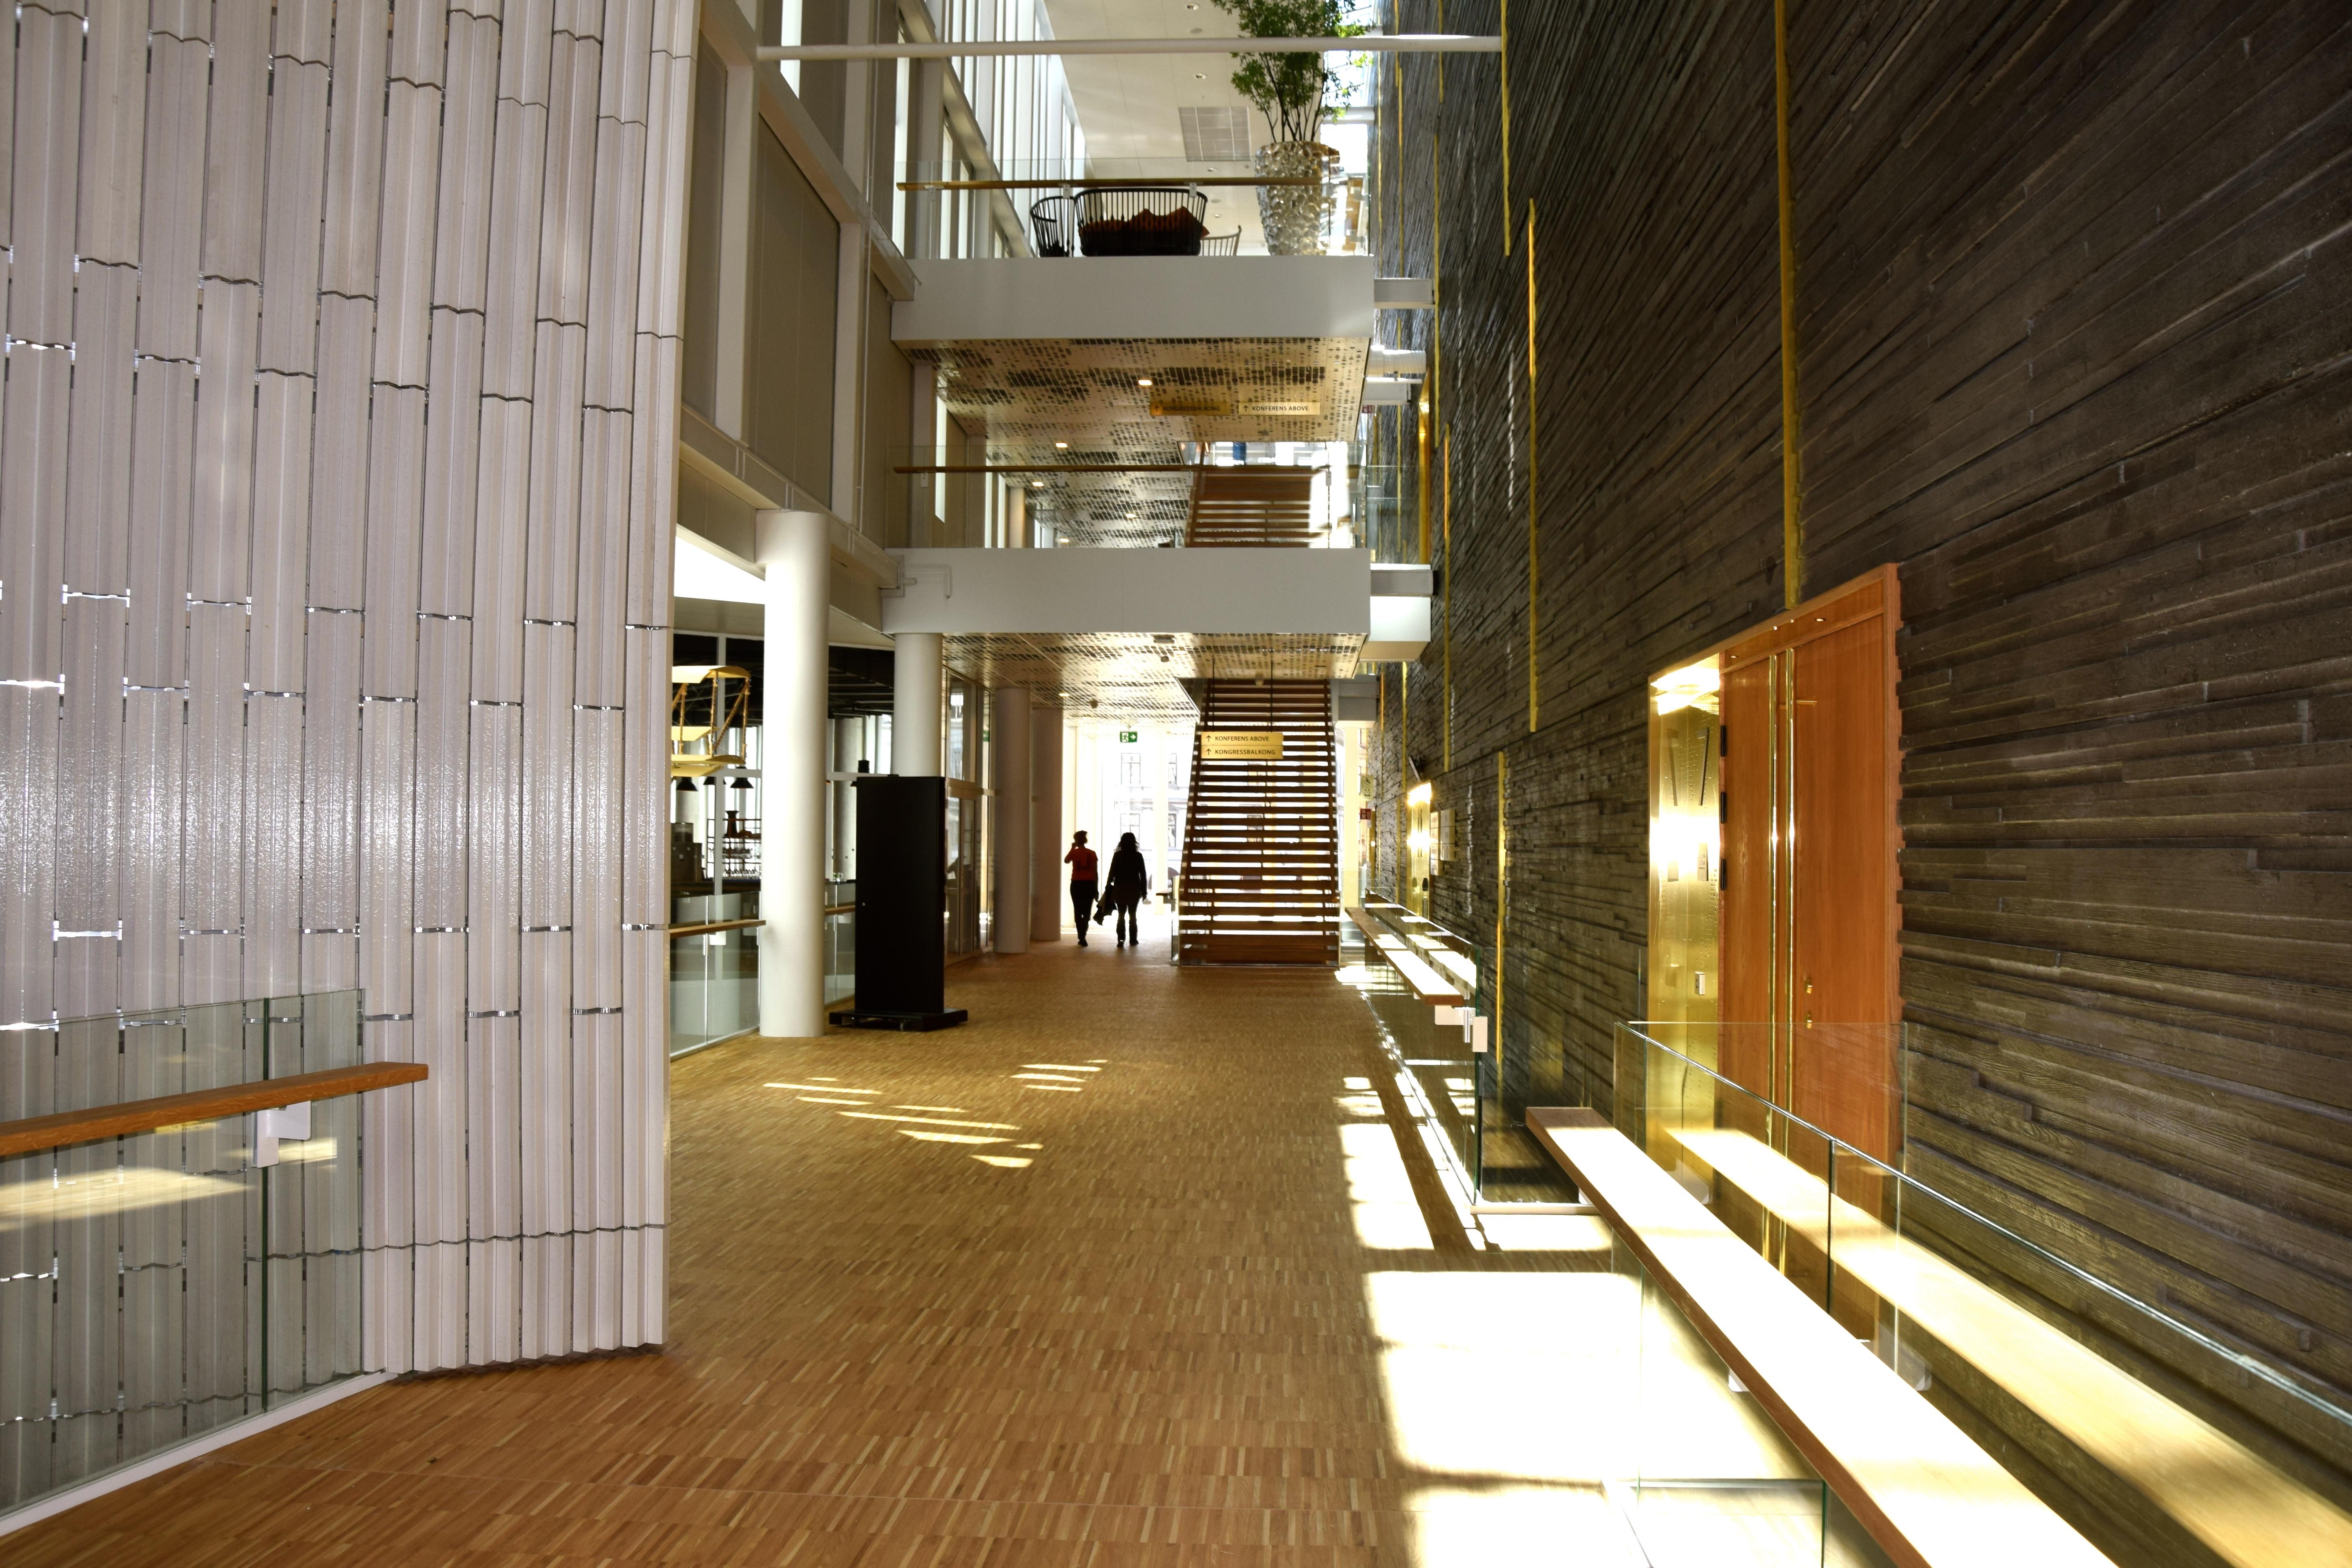 Innenarchitektur Halle hintergrundbilder die architektur himmel holz haus schweden